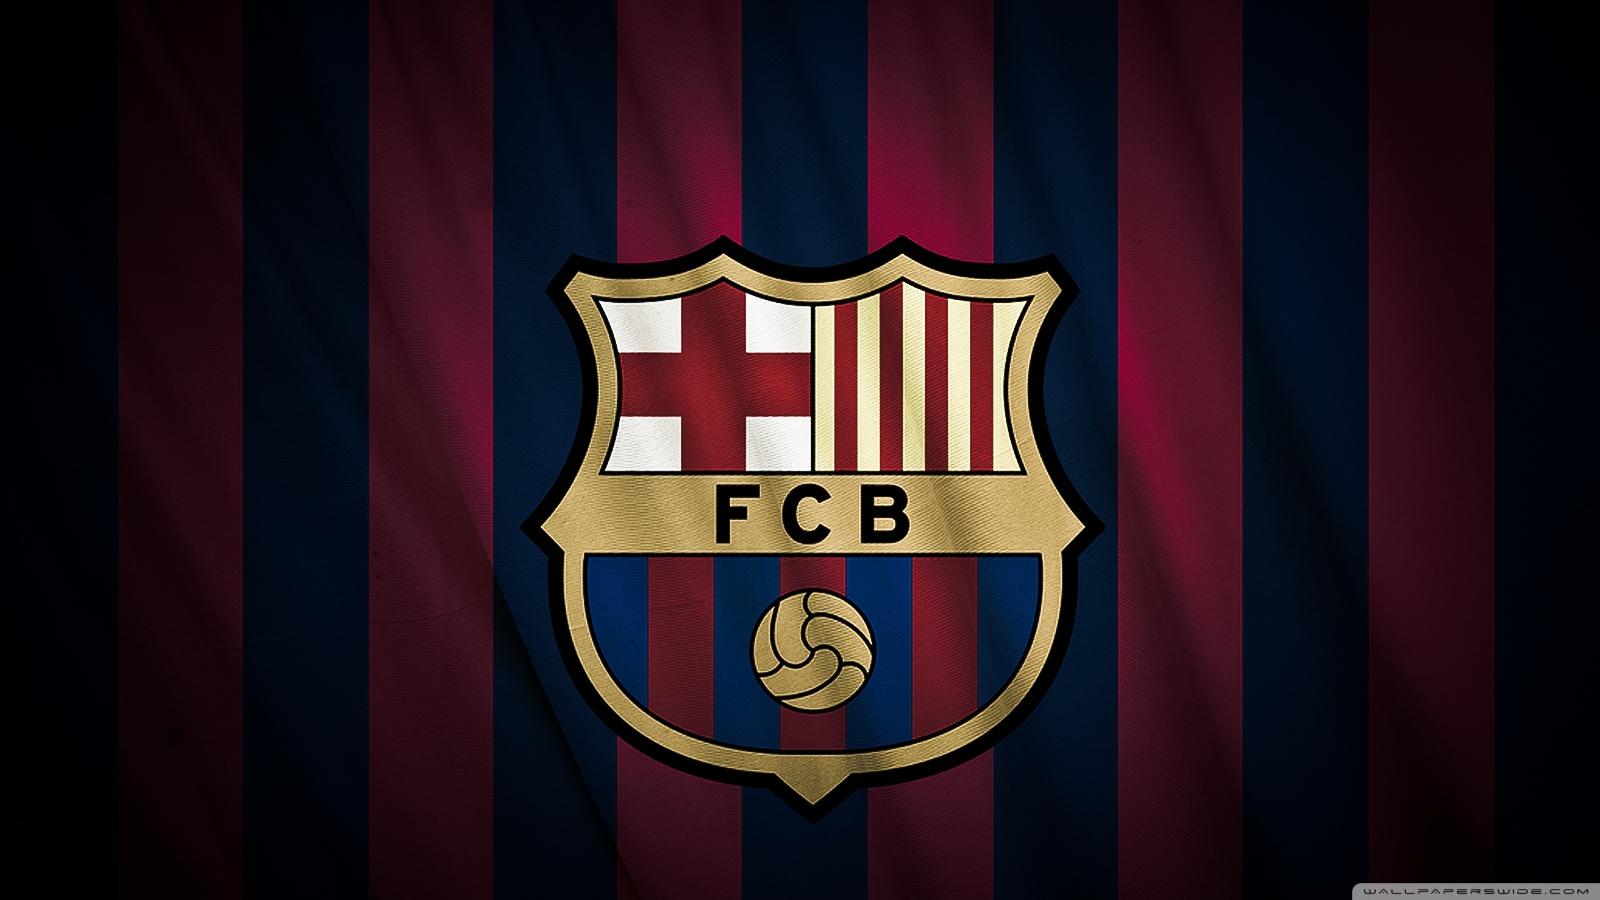 wallpaper escudo barcelona fc